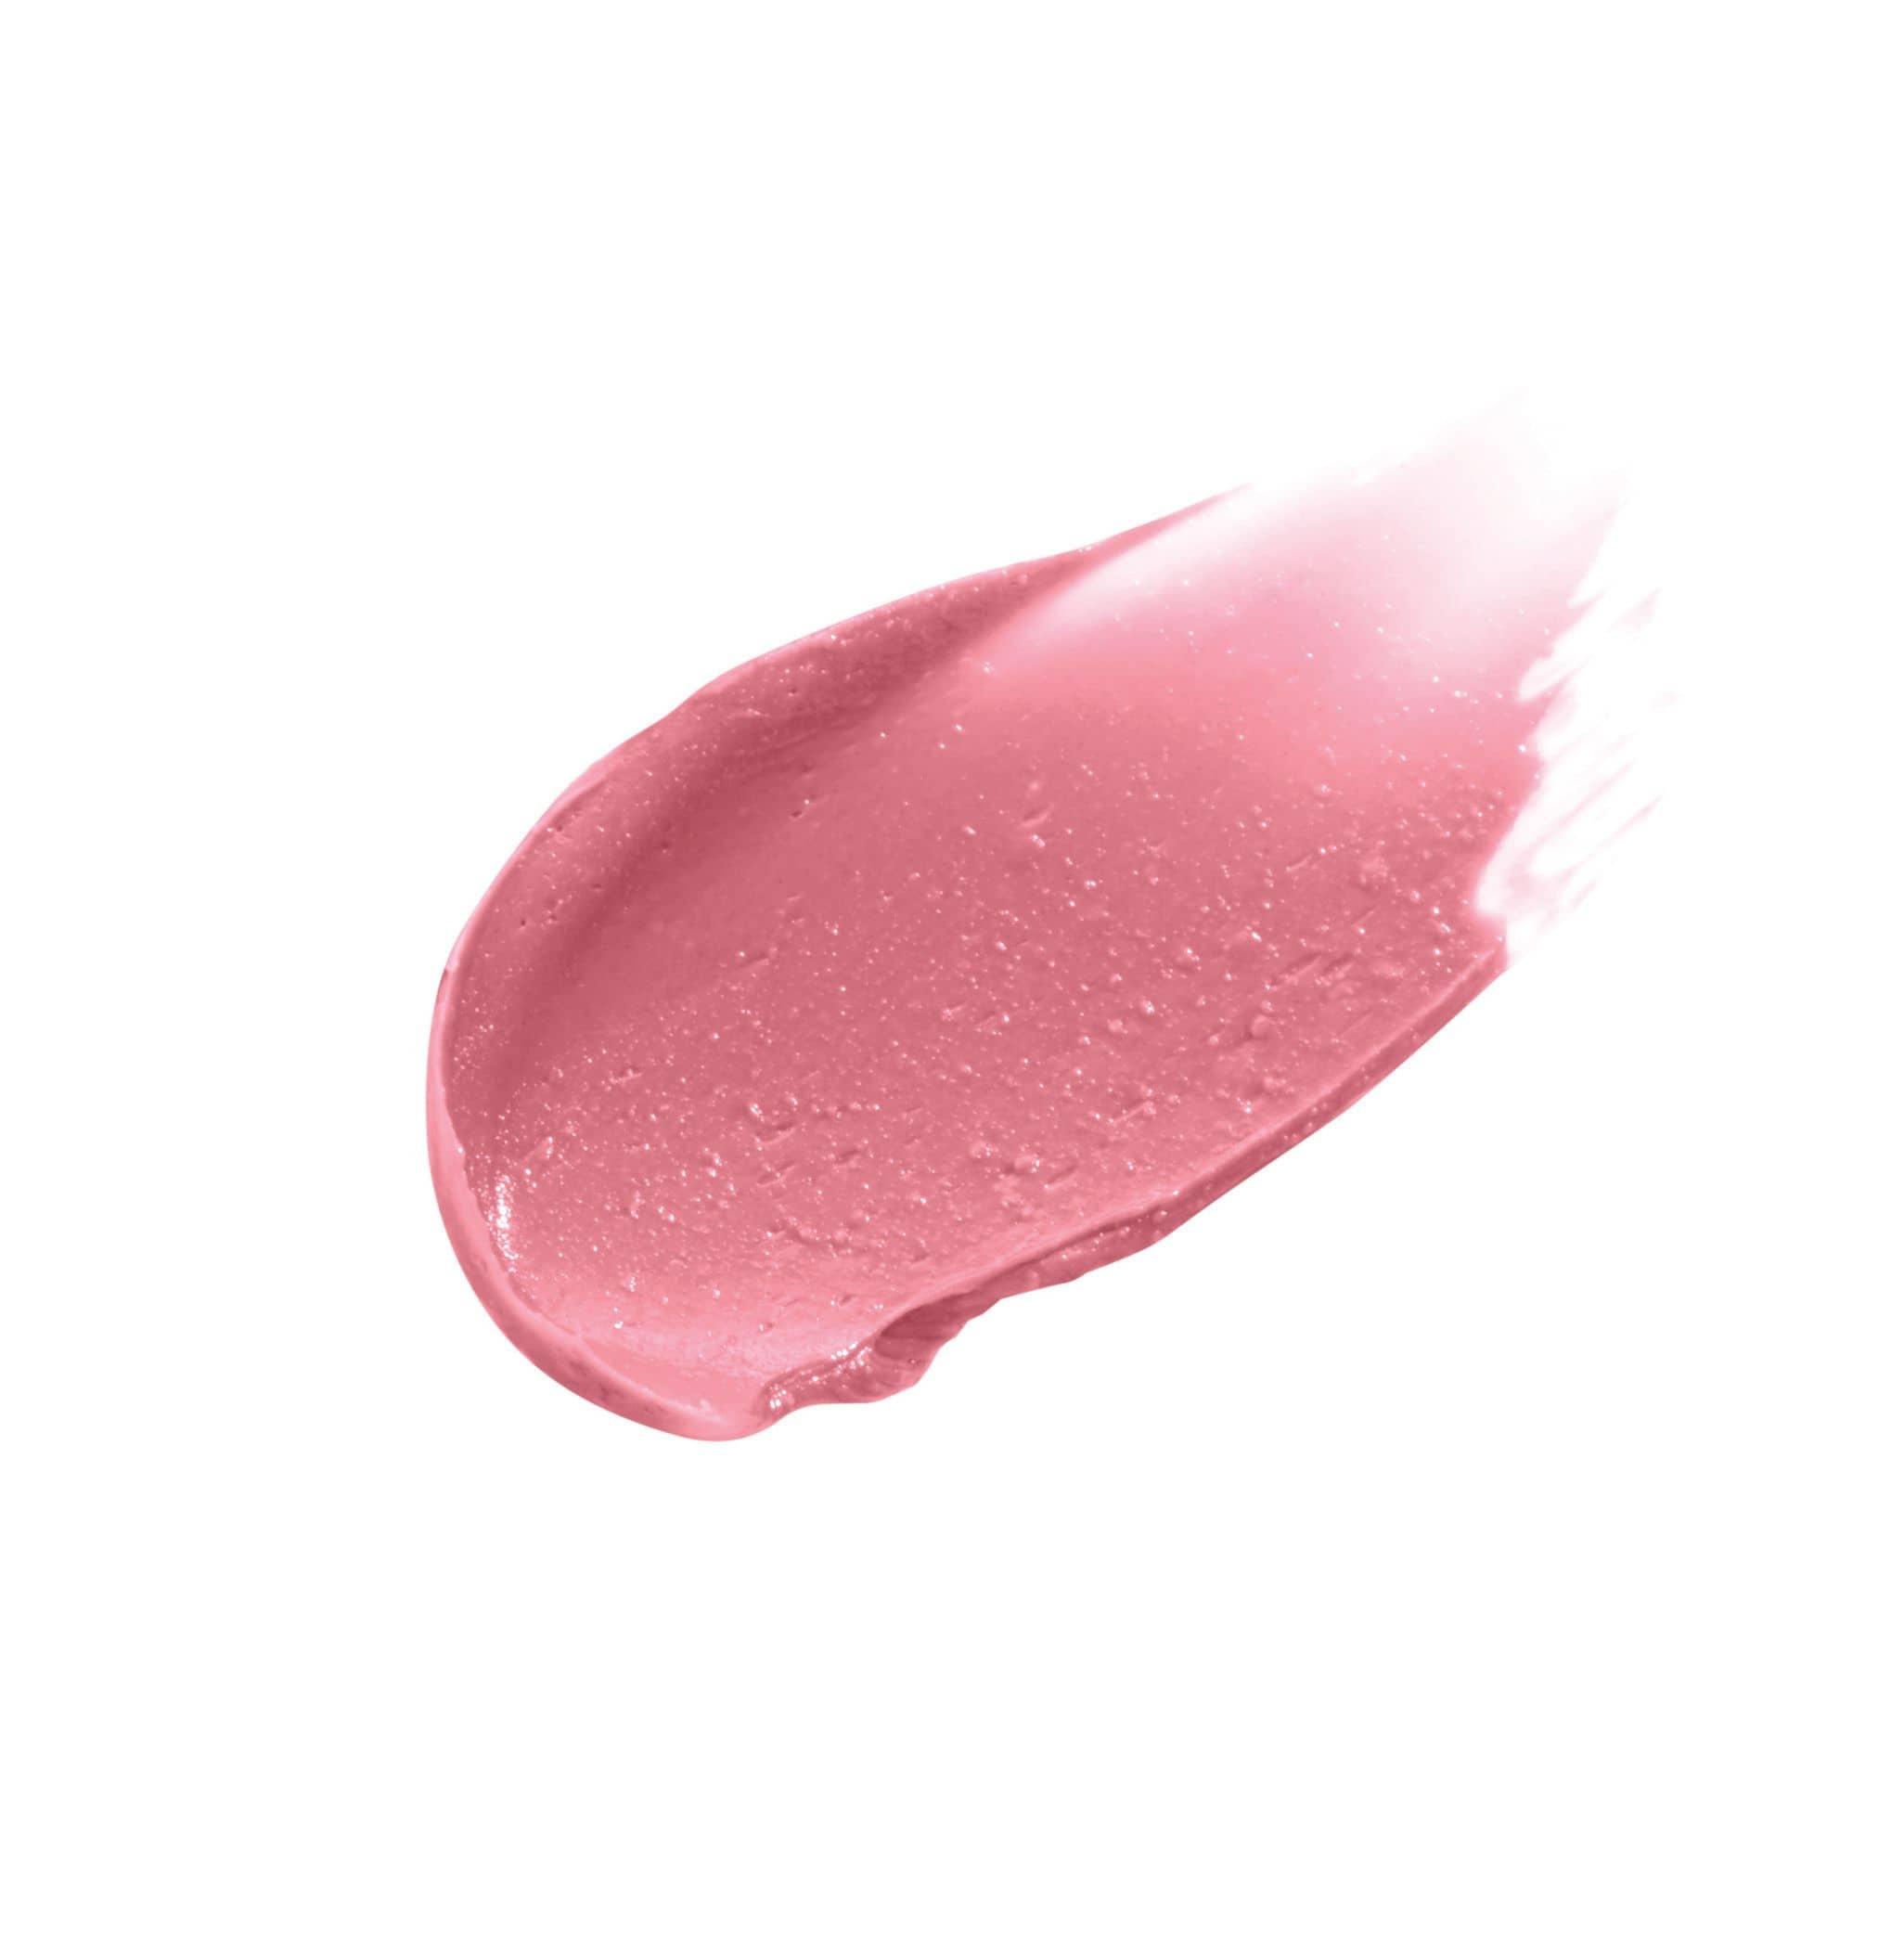 Lipdrink - Lippenpflegestift flirt